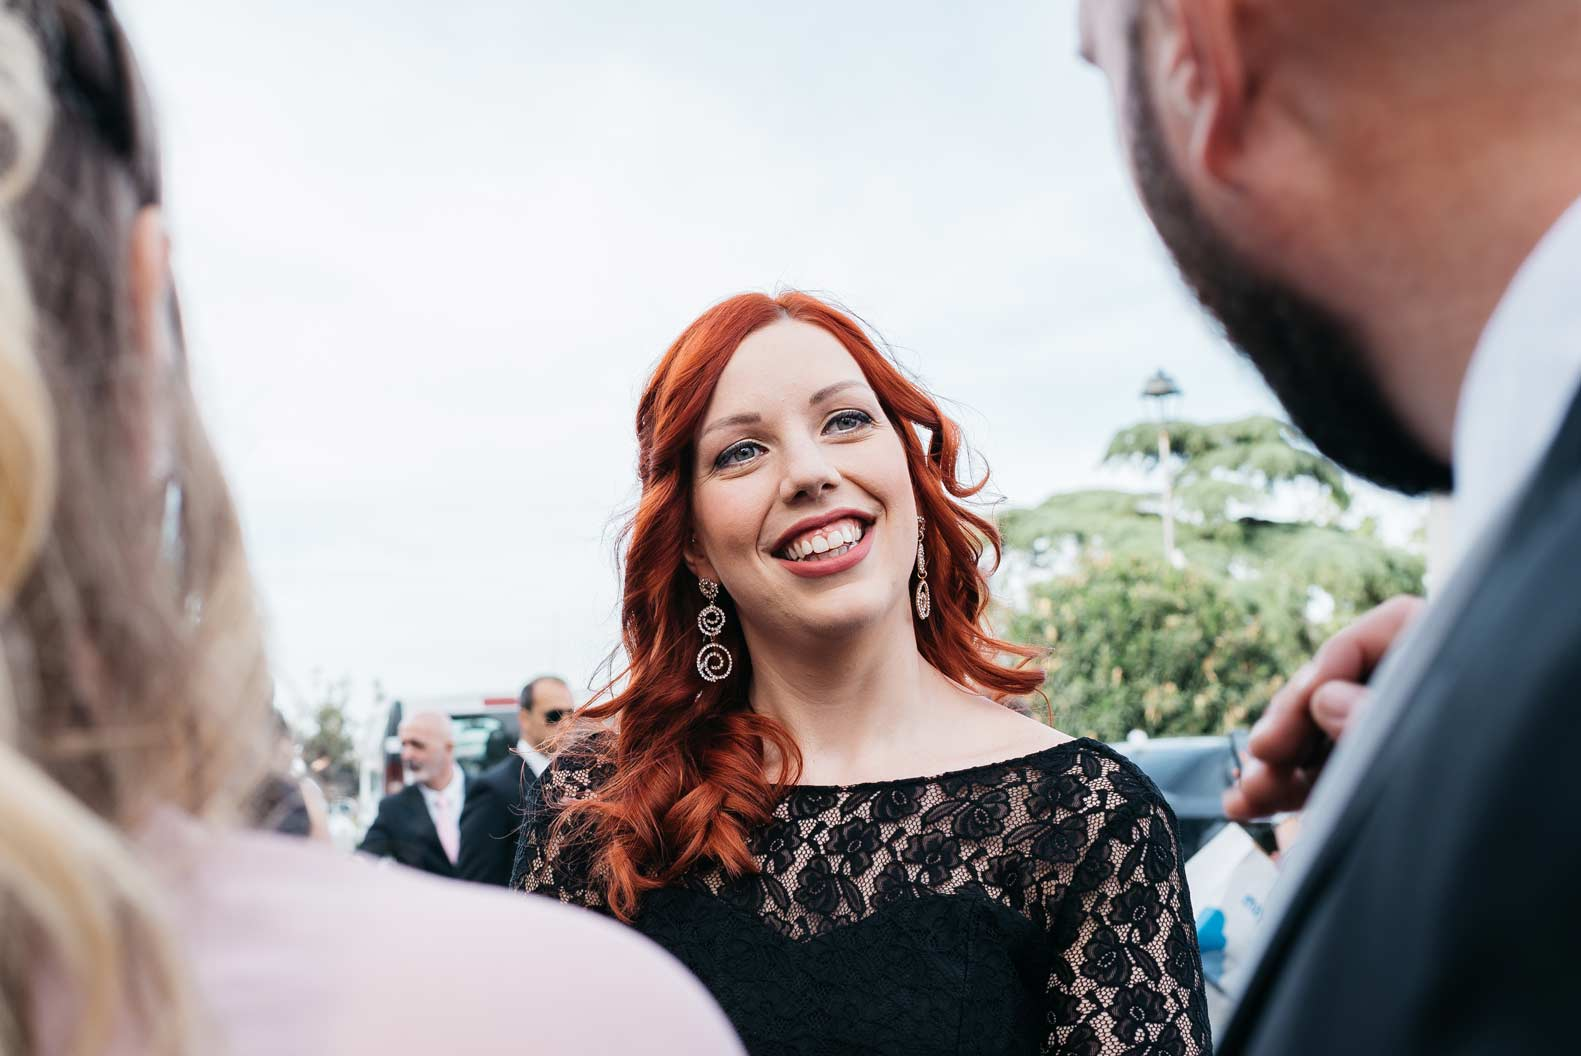 Fotografo-Sposi-Fotografo-Matrimonio-A&D